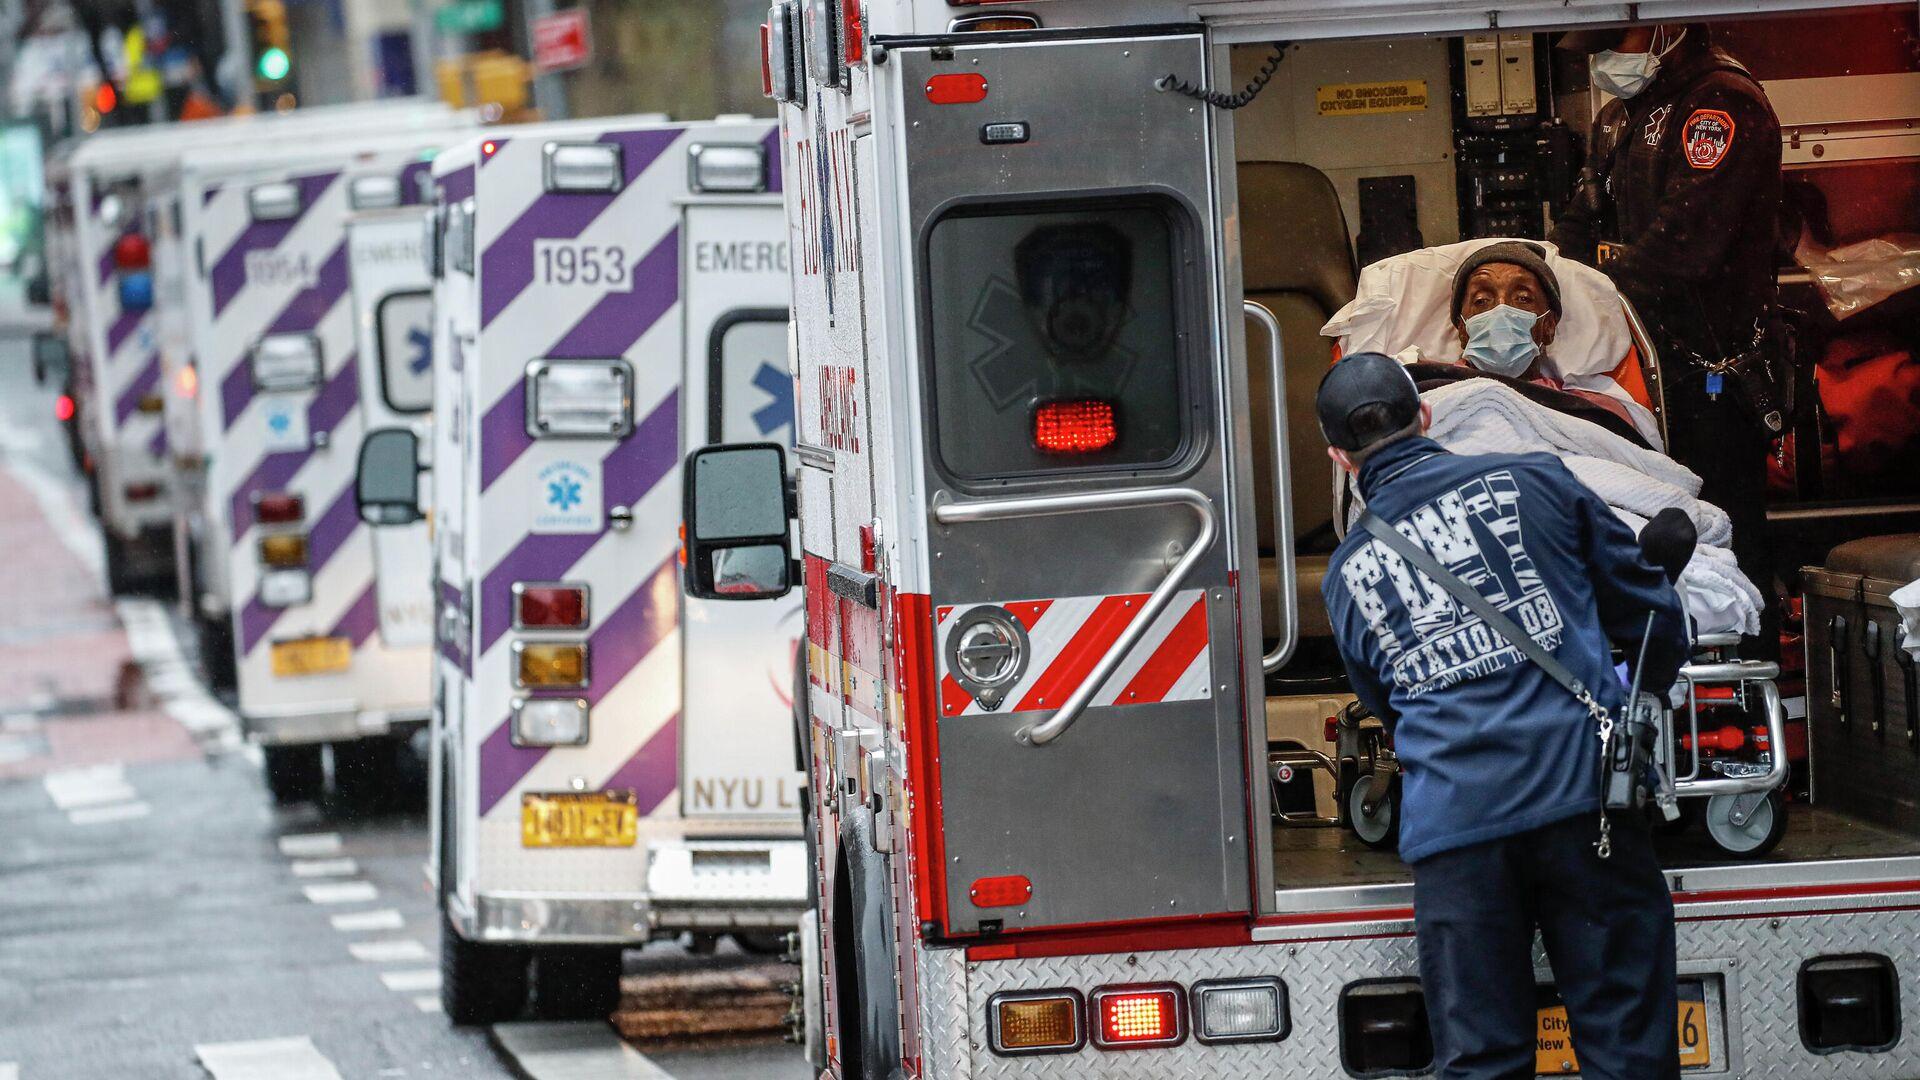 Пациент в машине скорой помощи возле медицинского центра NYU Langone в Нью-Йорке - РИА Новости, 1920, 26.09.2020